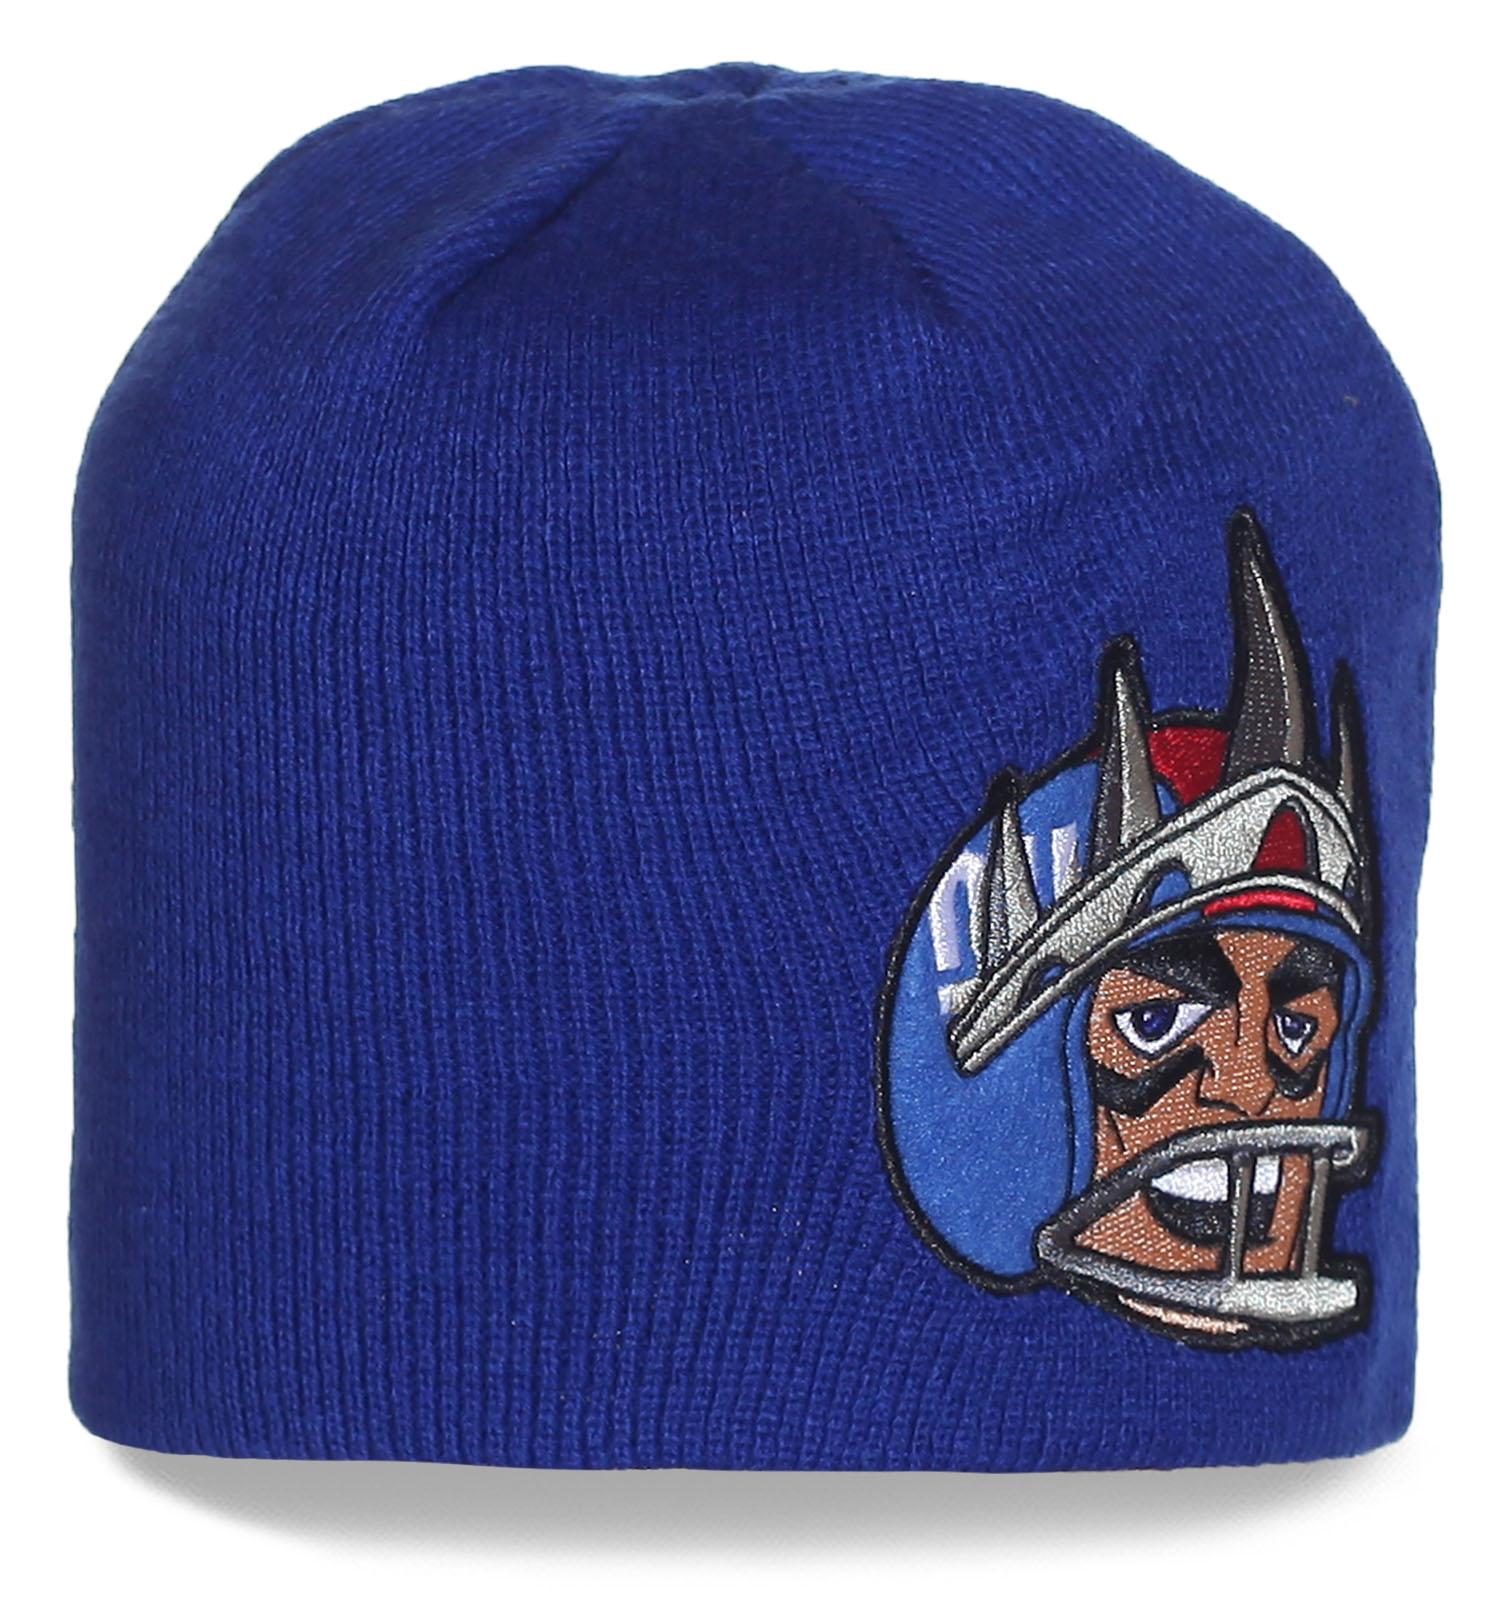 Синяя шапка профессионального клуба по американскому футболу New York Jets